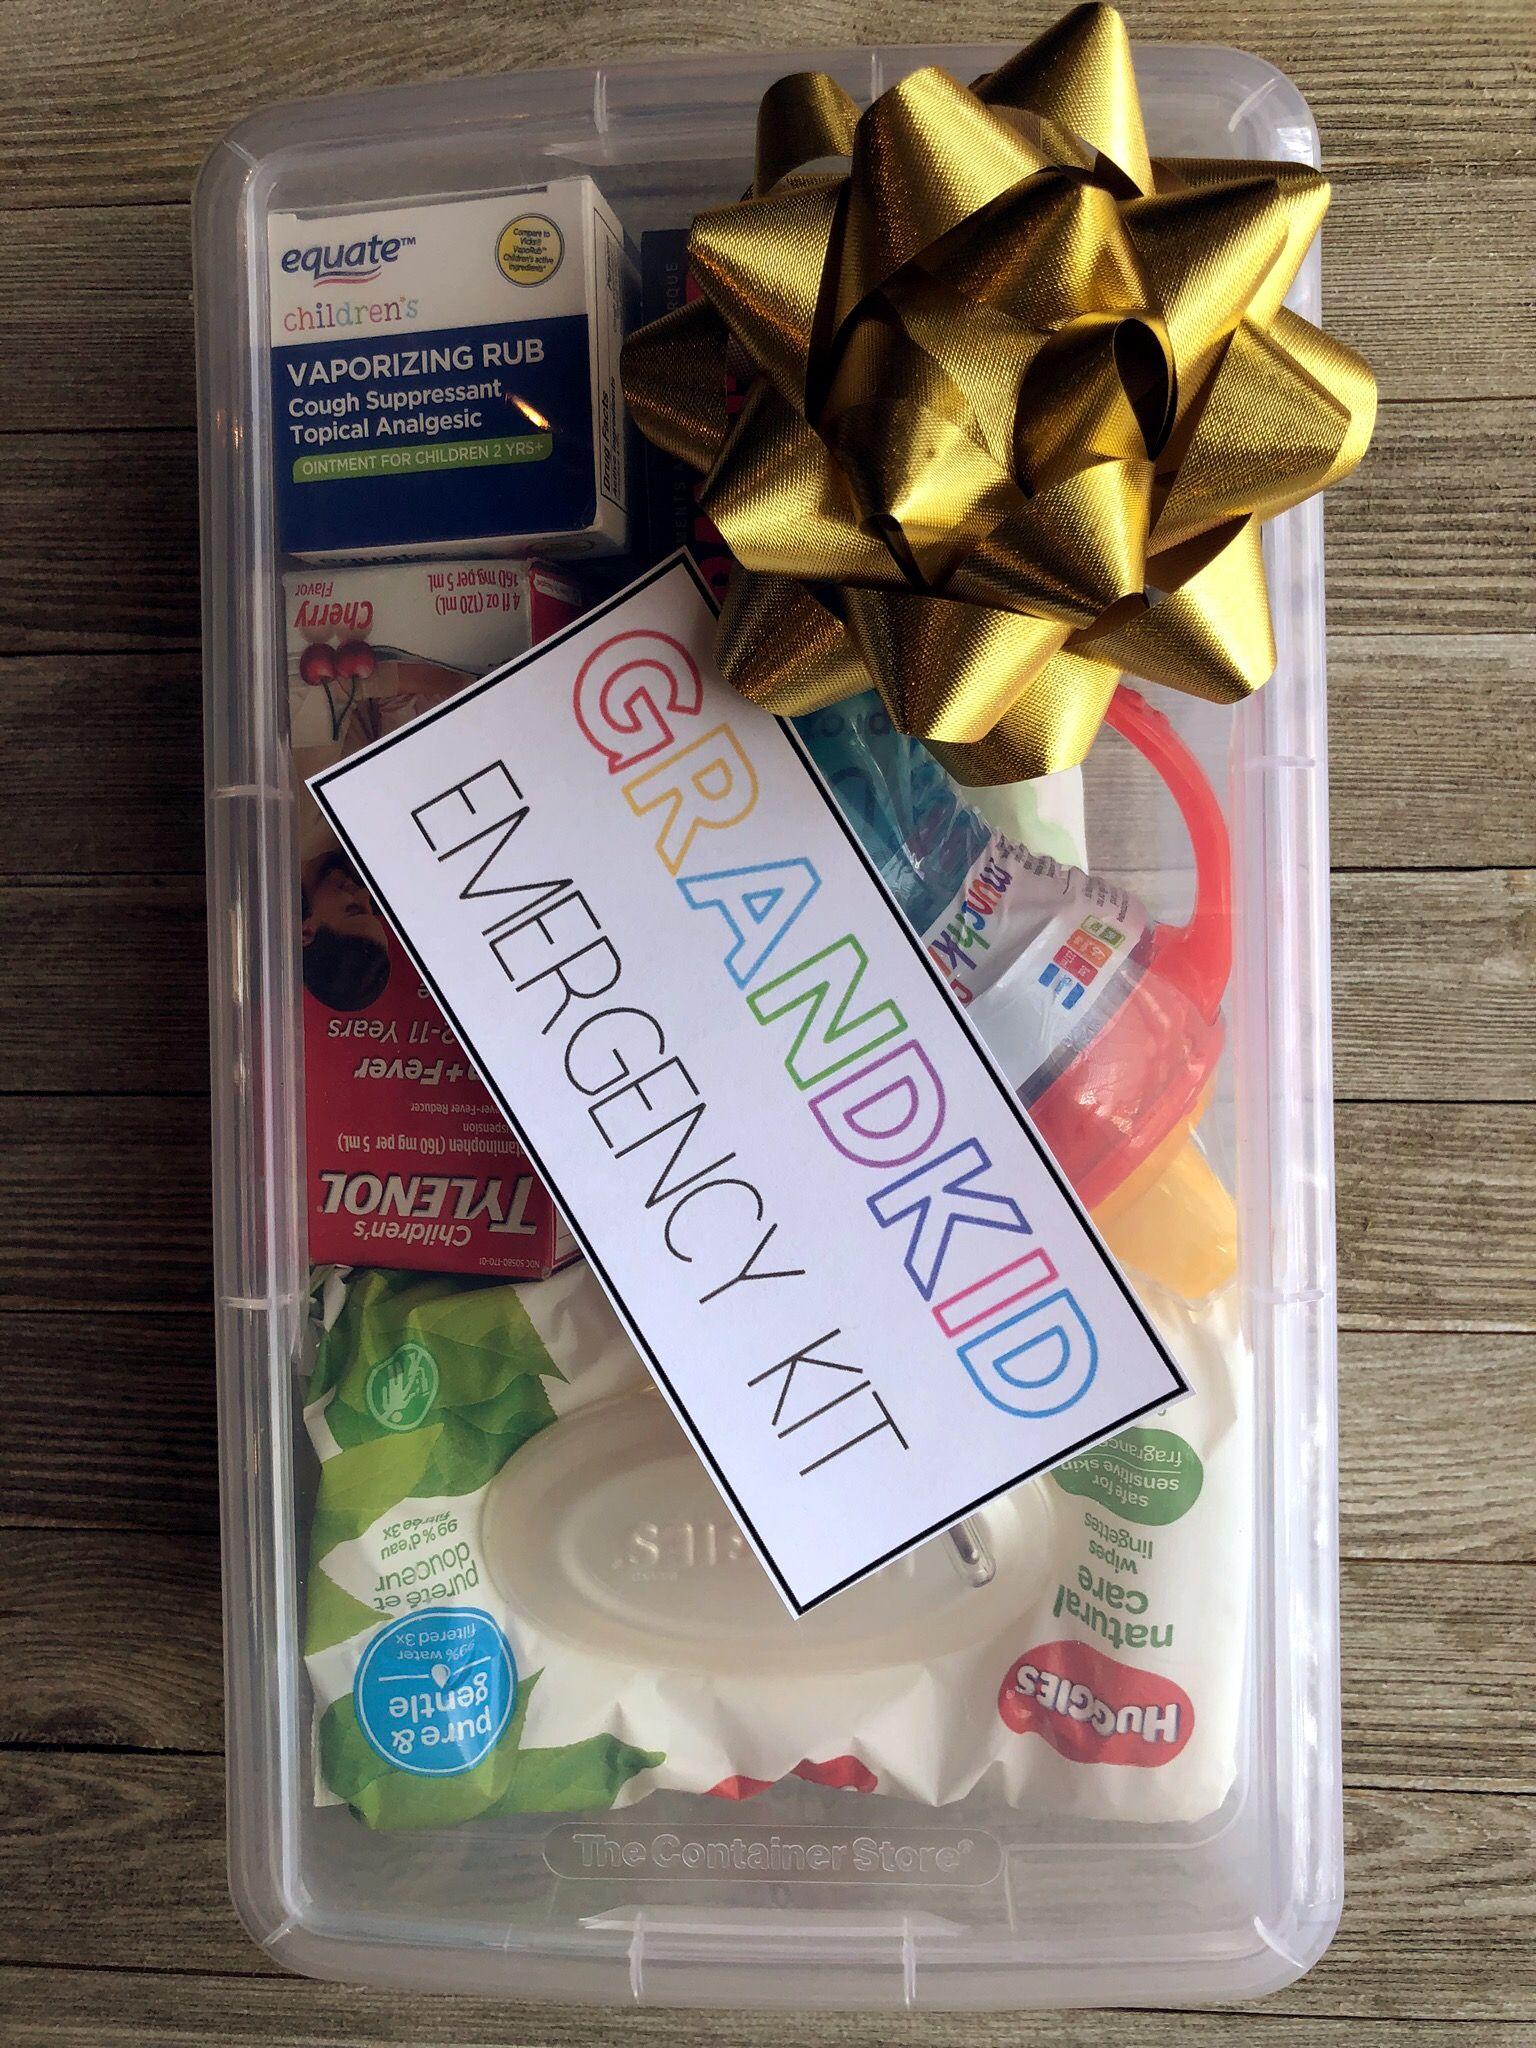 Grandchild Survival Kit (Great Christmas Gift Idea